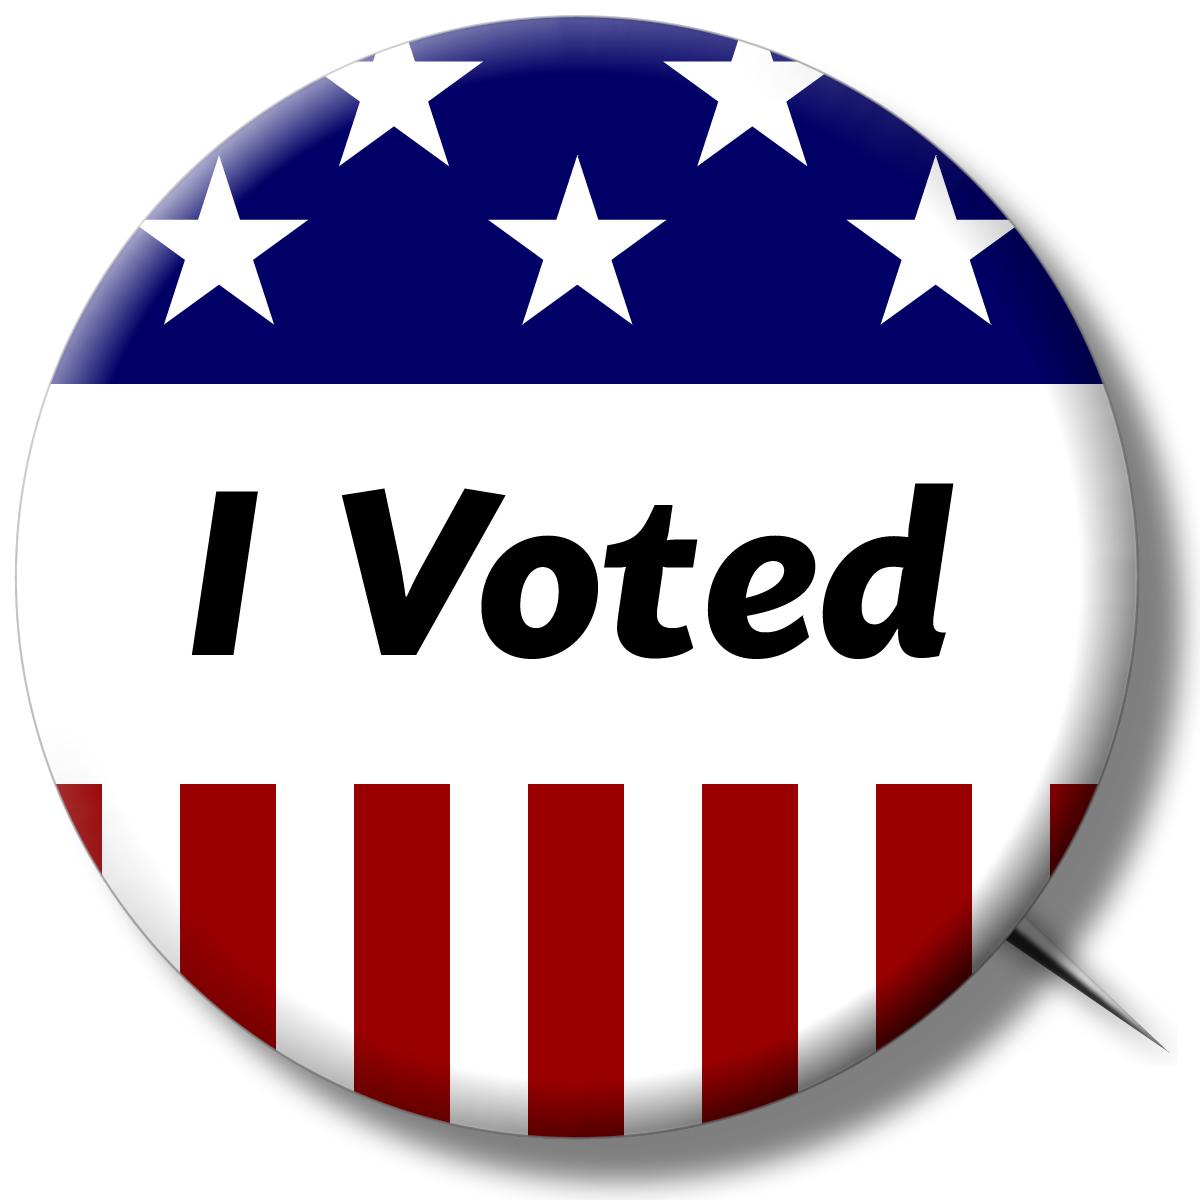 Voted buttons fcjohx league. Voting clipart vote button